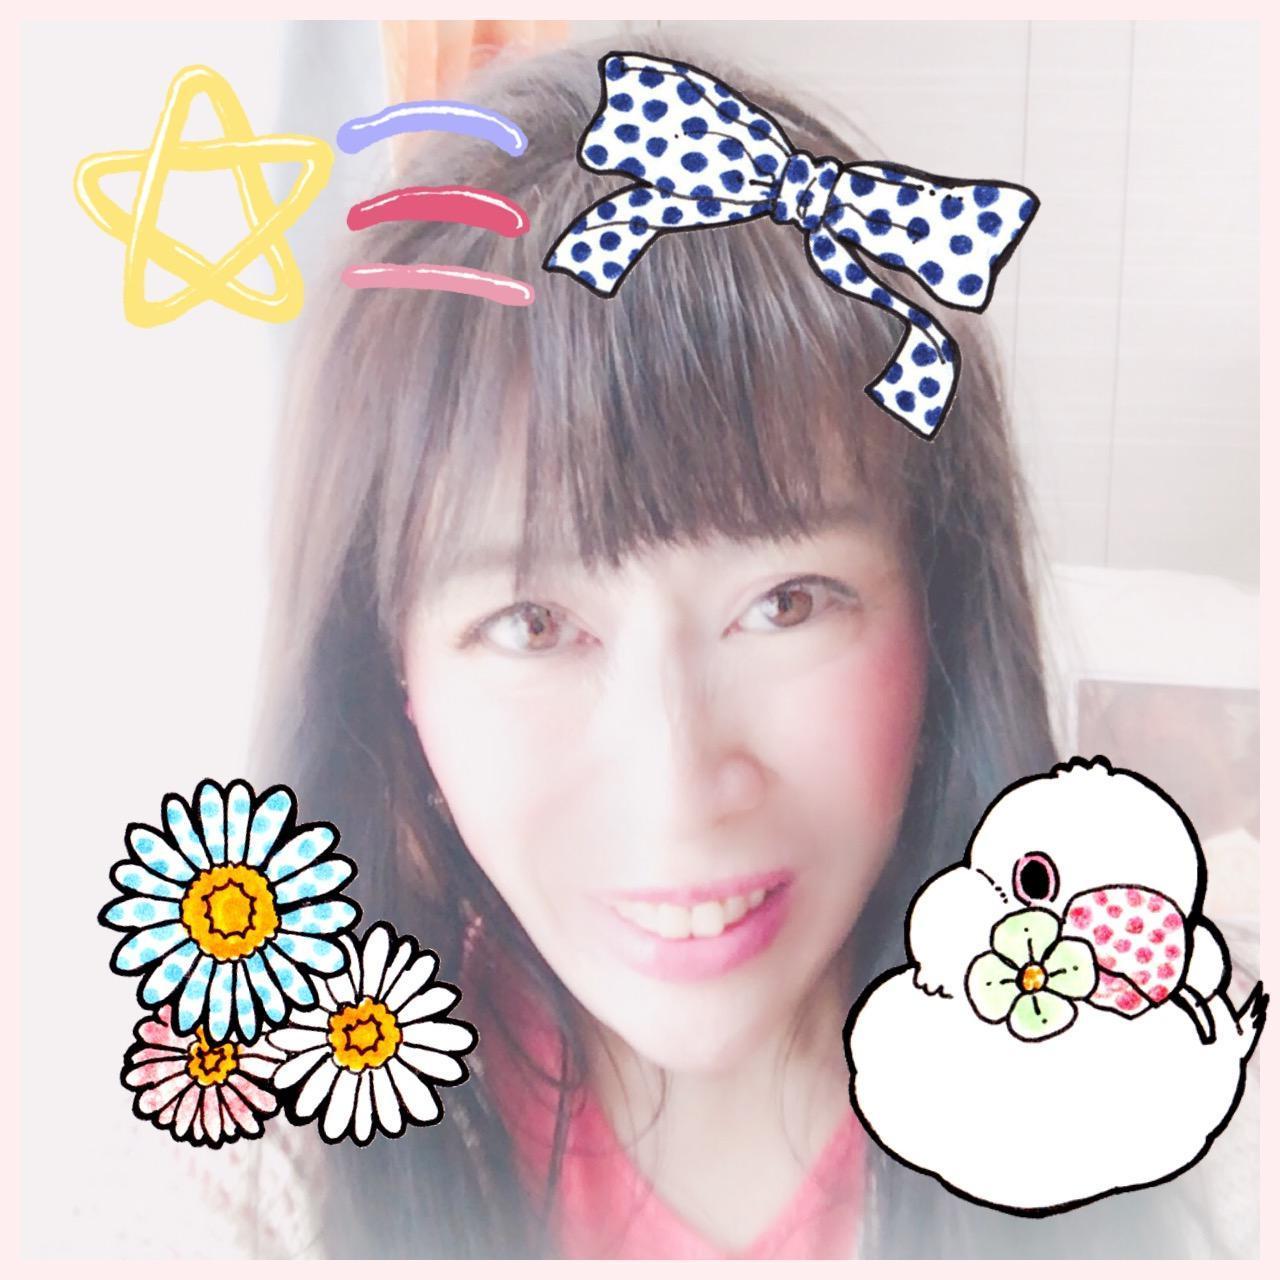 「ほたるのお尻は光りません!」02/20(02/20) 09:41   ほたるの写メ・風俗動画